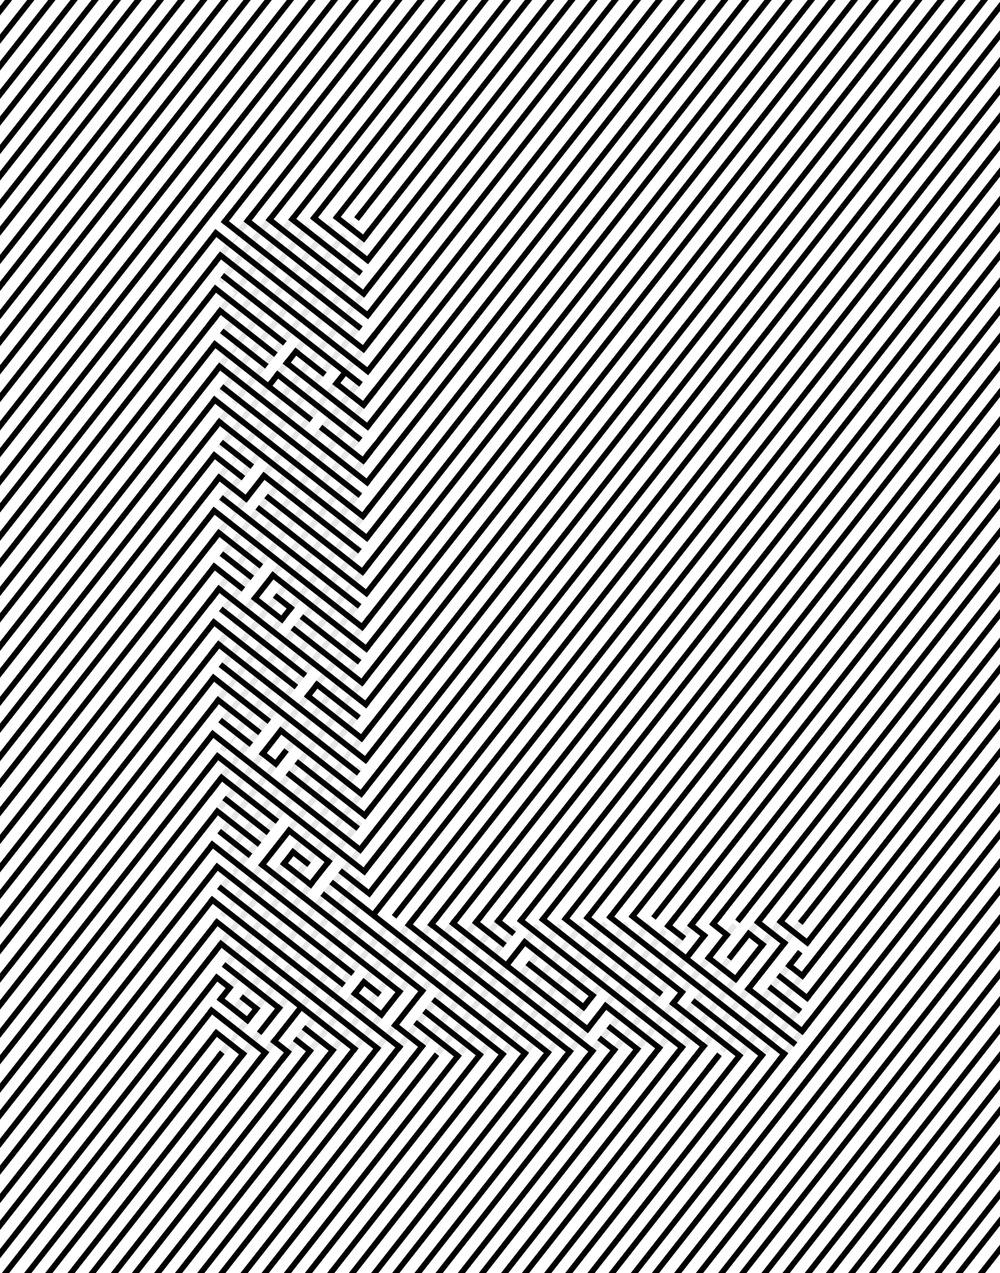 ijkl-02.jpg